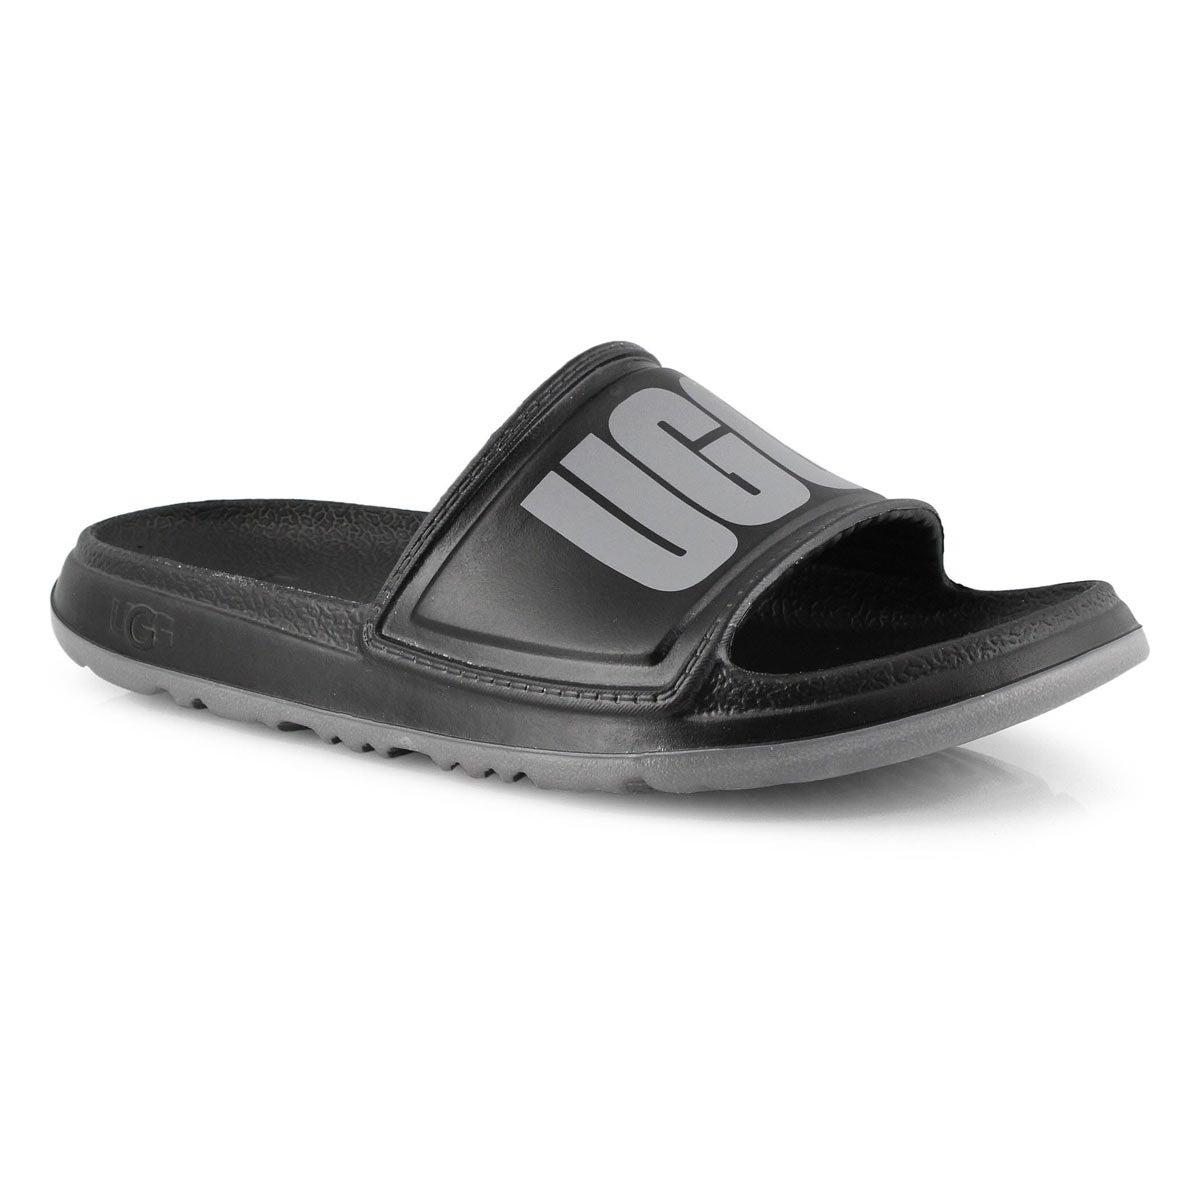 Women's Wilcox Slide Sandal - Black